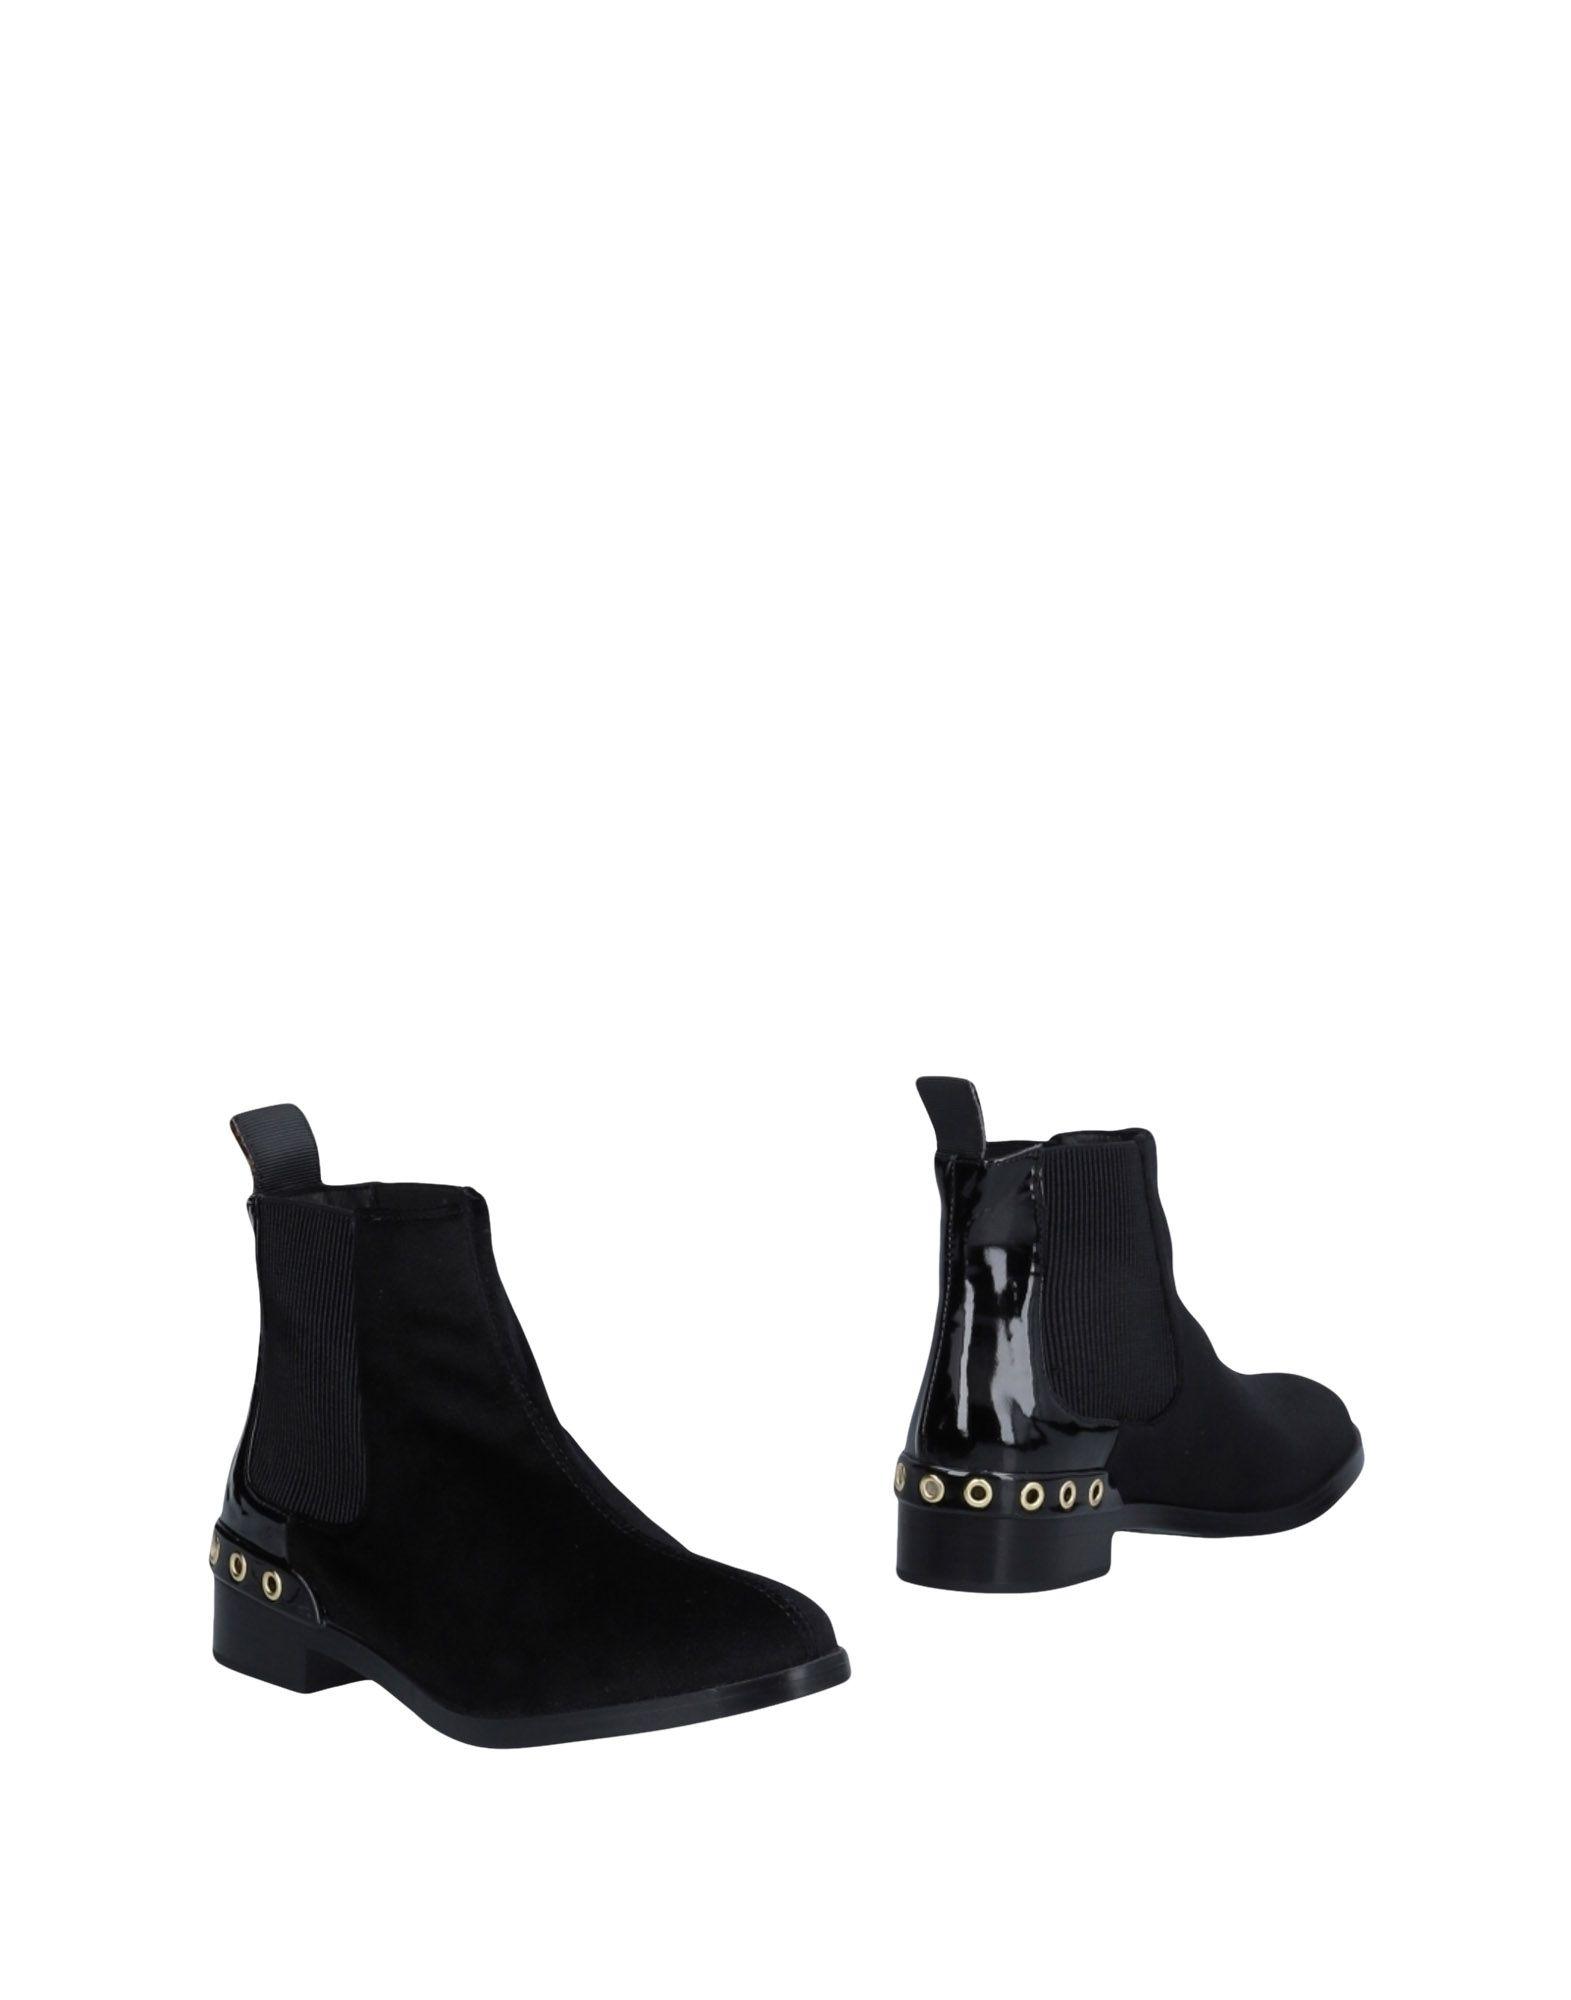 Chelsea Boots Cafènoir Donna Donna Cafènoir - 11478363AK 7ecb05